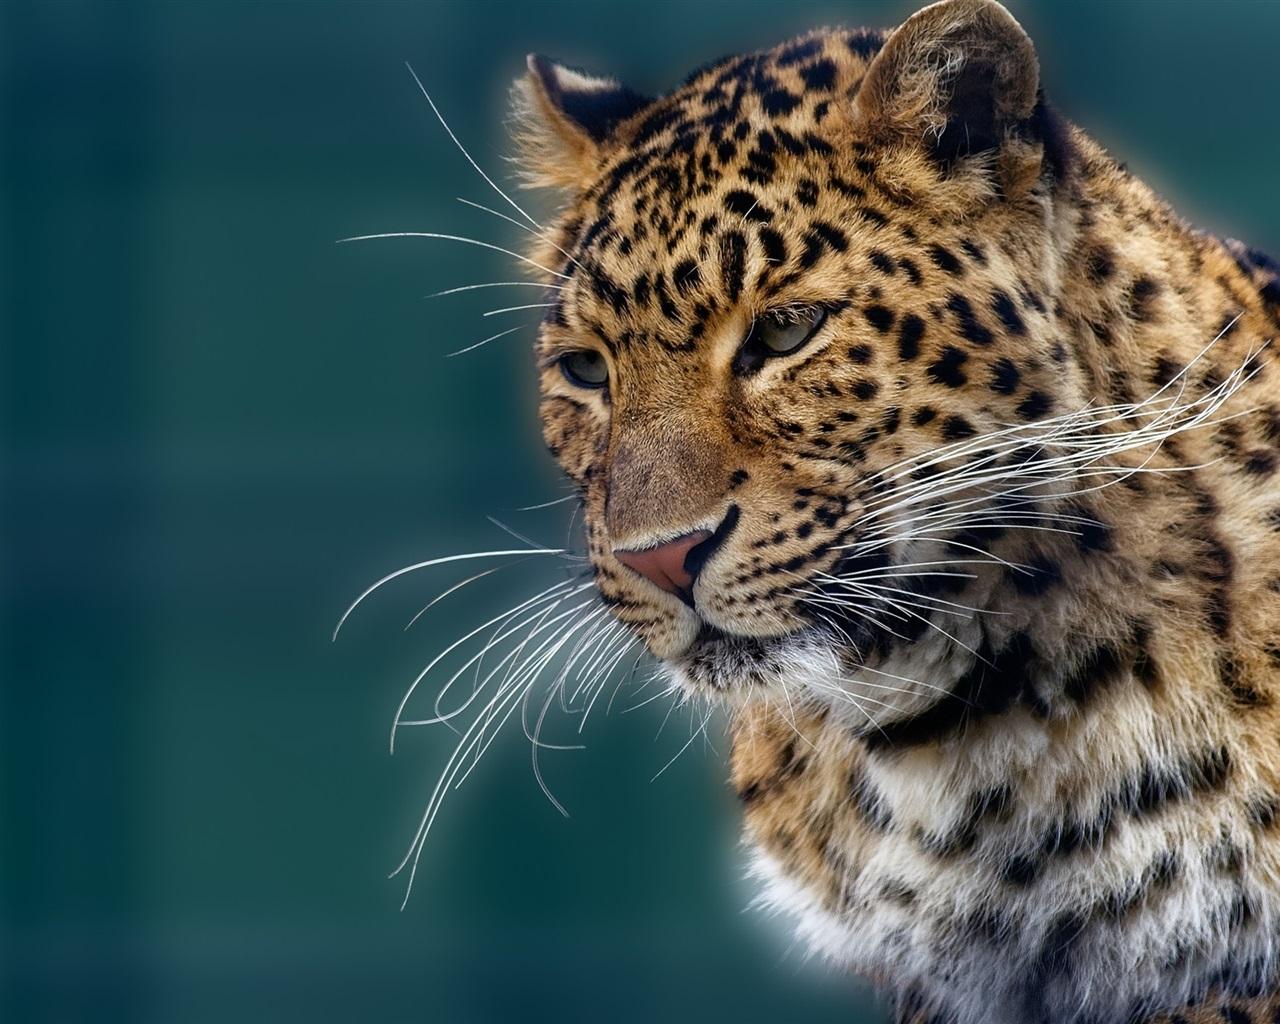 Retrato Animal Jaguar Bigote Fondos De Pantalla